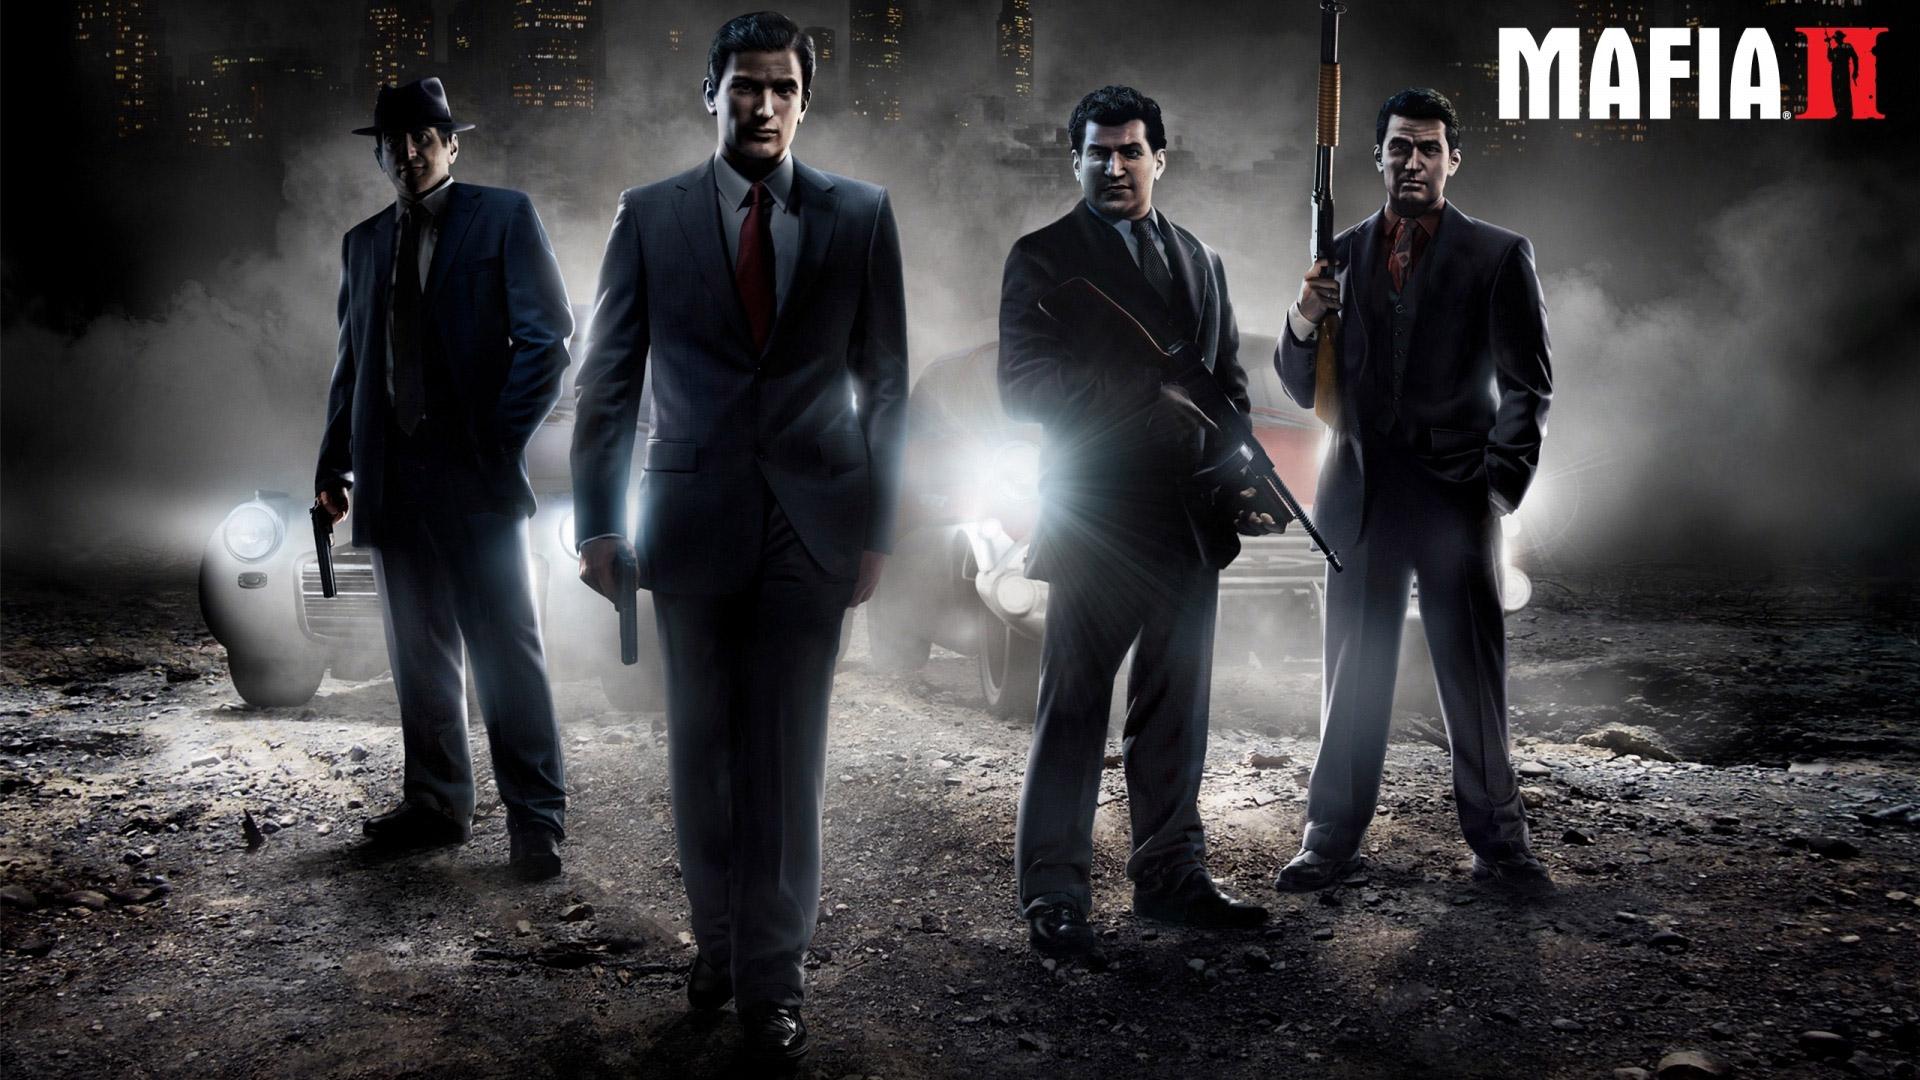 Mafia 2 wallpaper 4